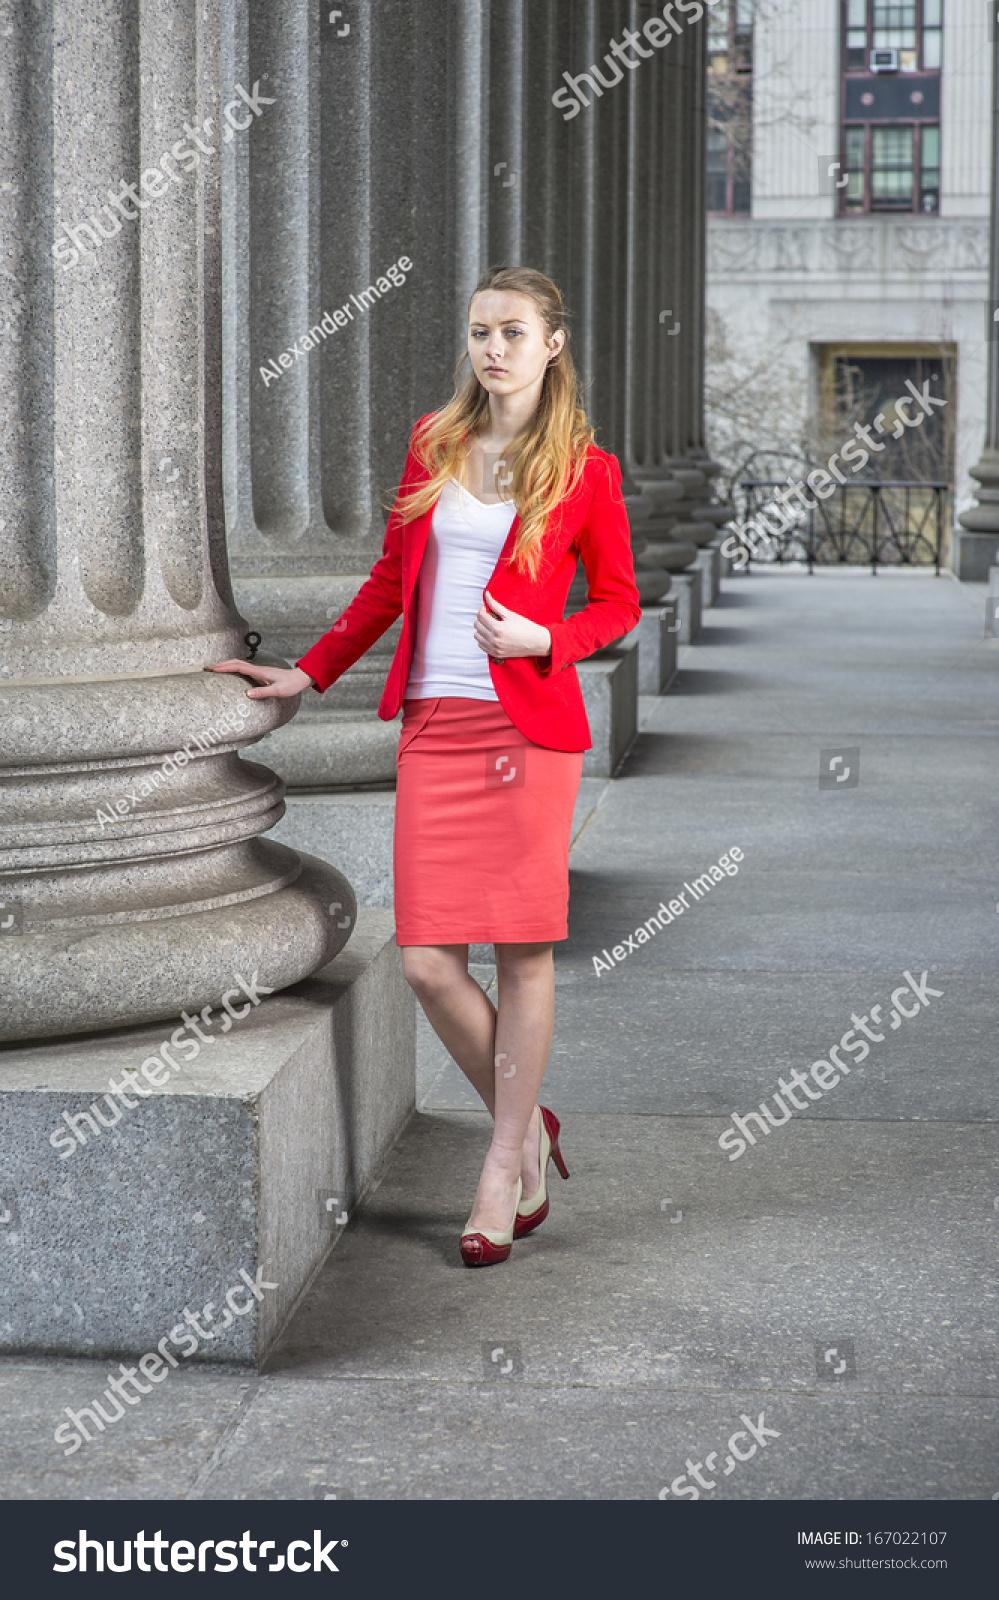 Red Under Heels